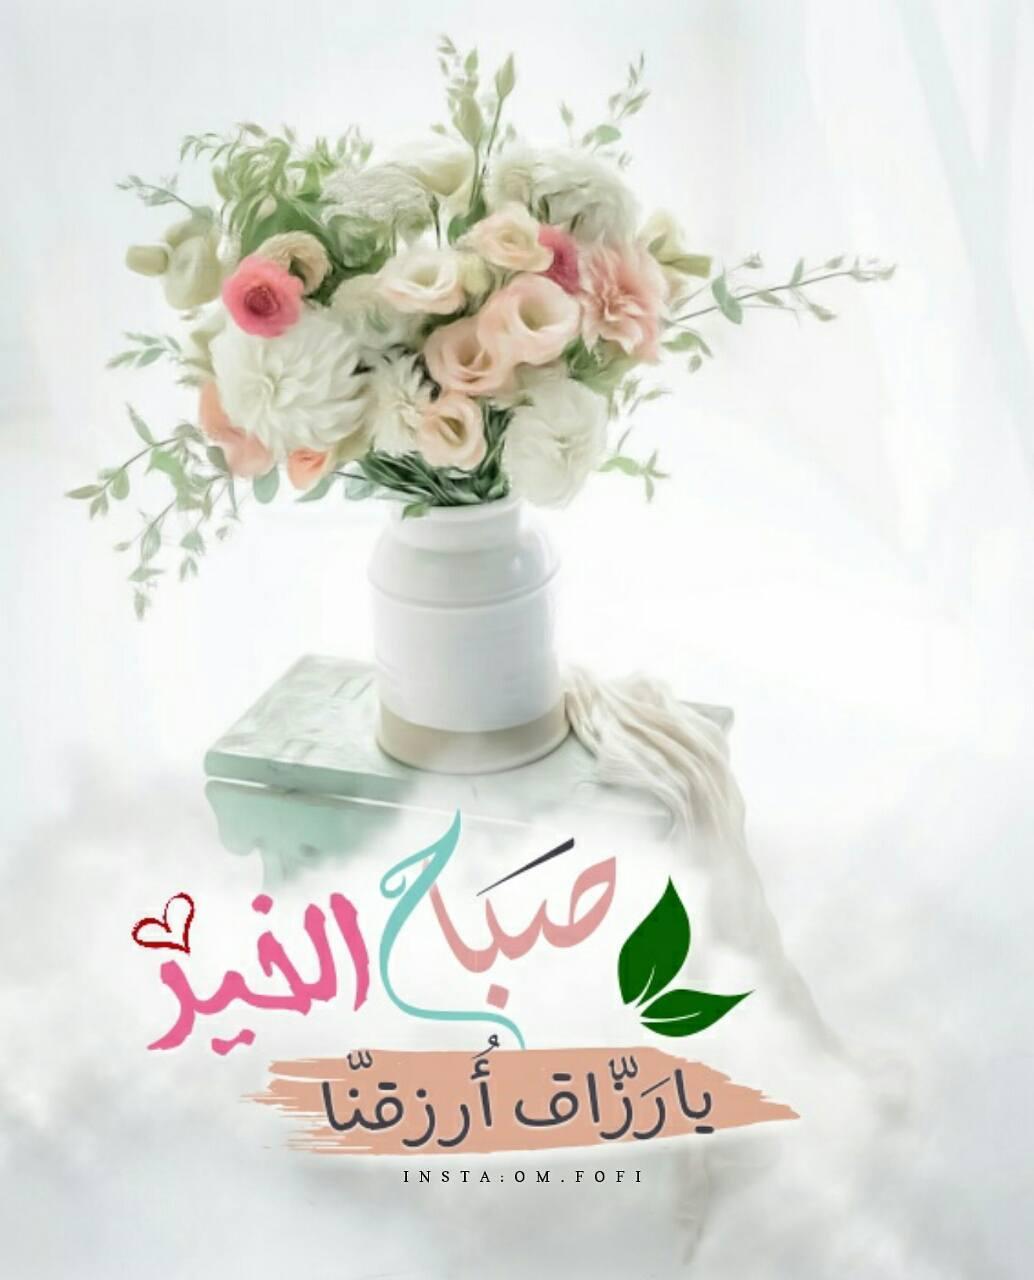 بالصور صباح الحب حبيبي , اجمل صباح الحب للحبيب 6069 8